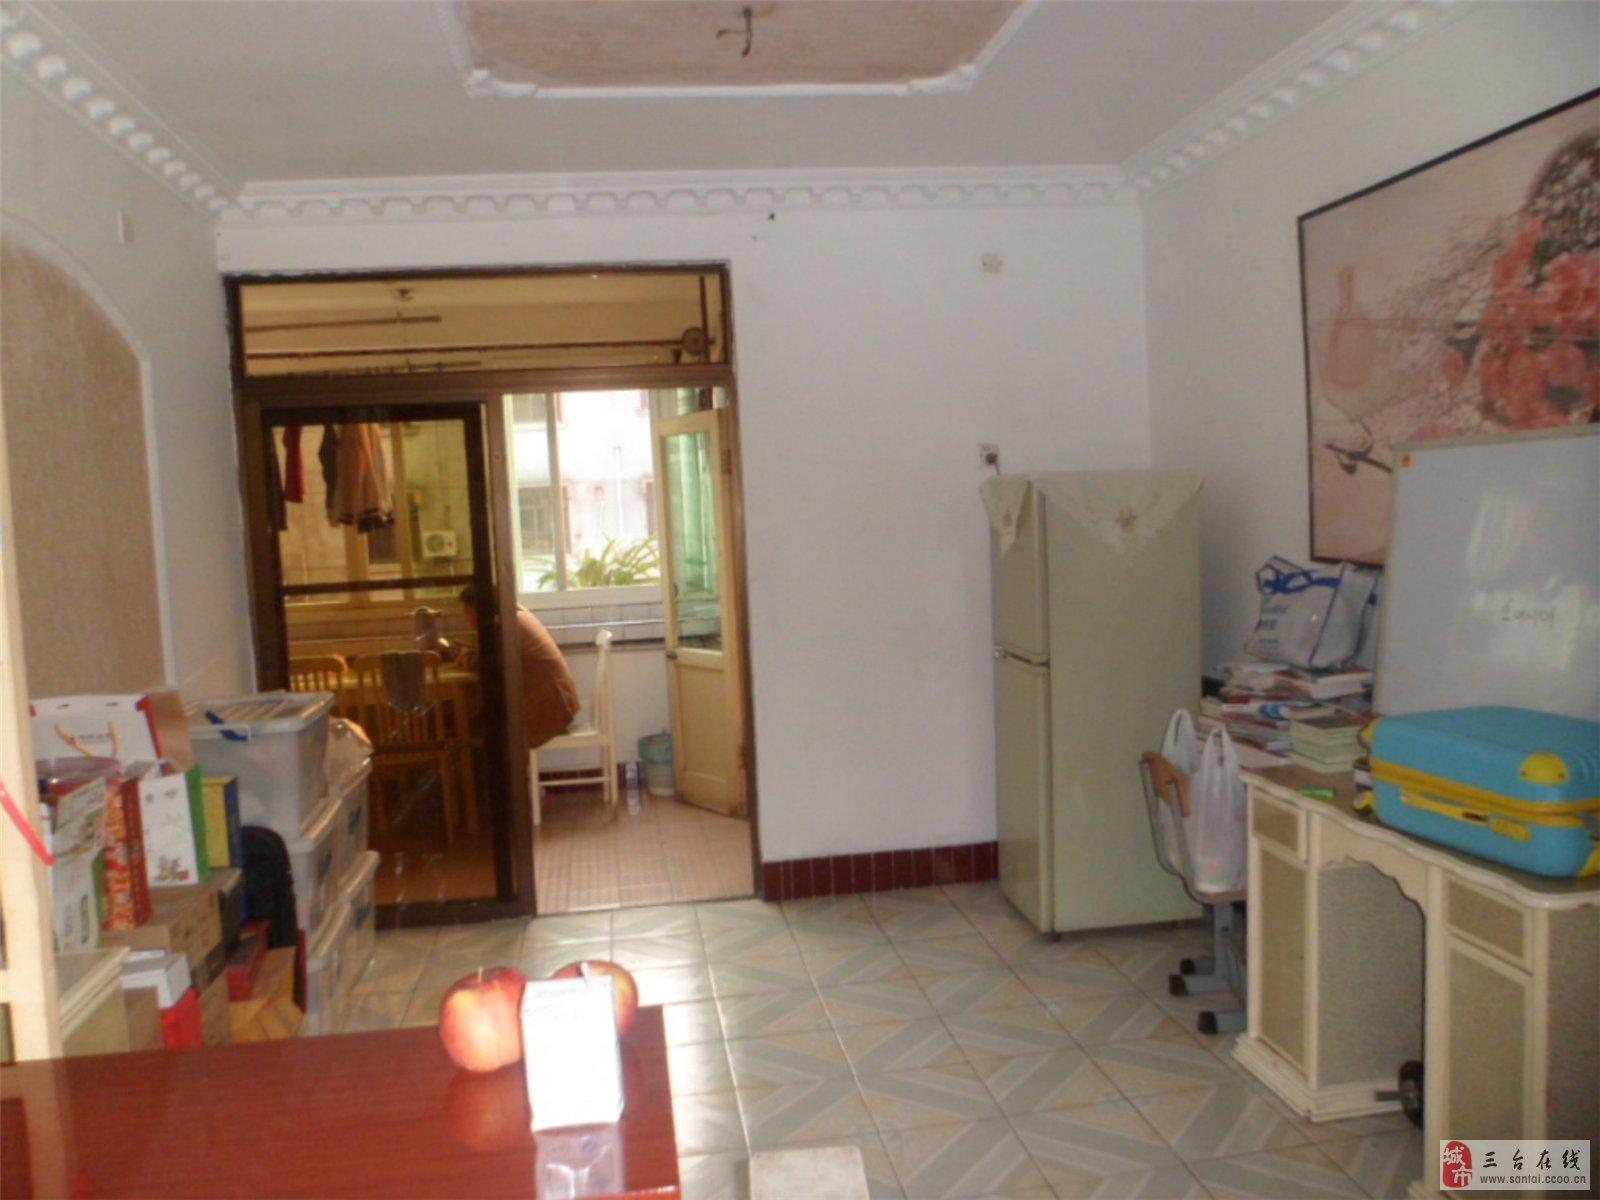 【欧式的装修风格】两室两厅出售